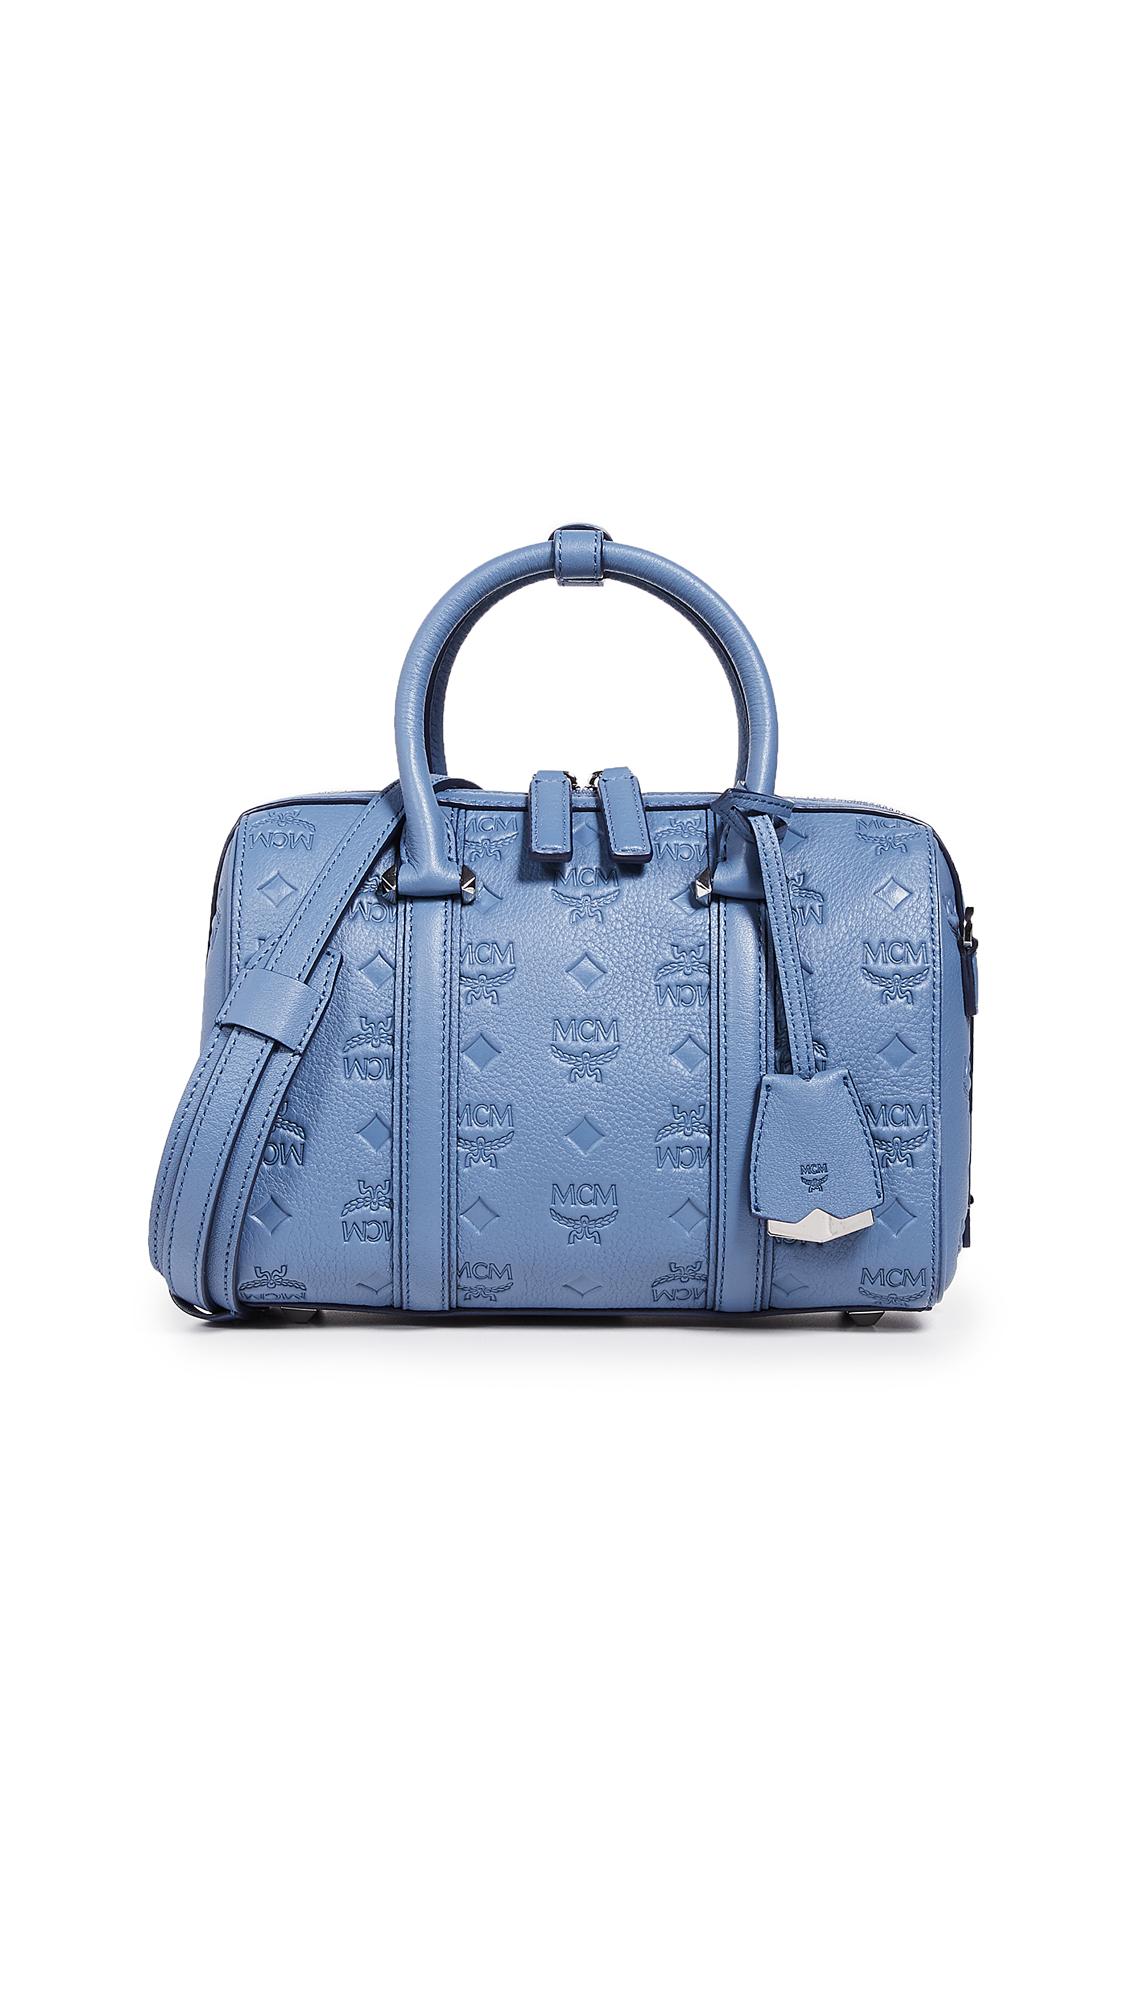 MCM Essential Monogrammed Small Boston Bag | SHOPBOP